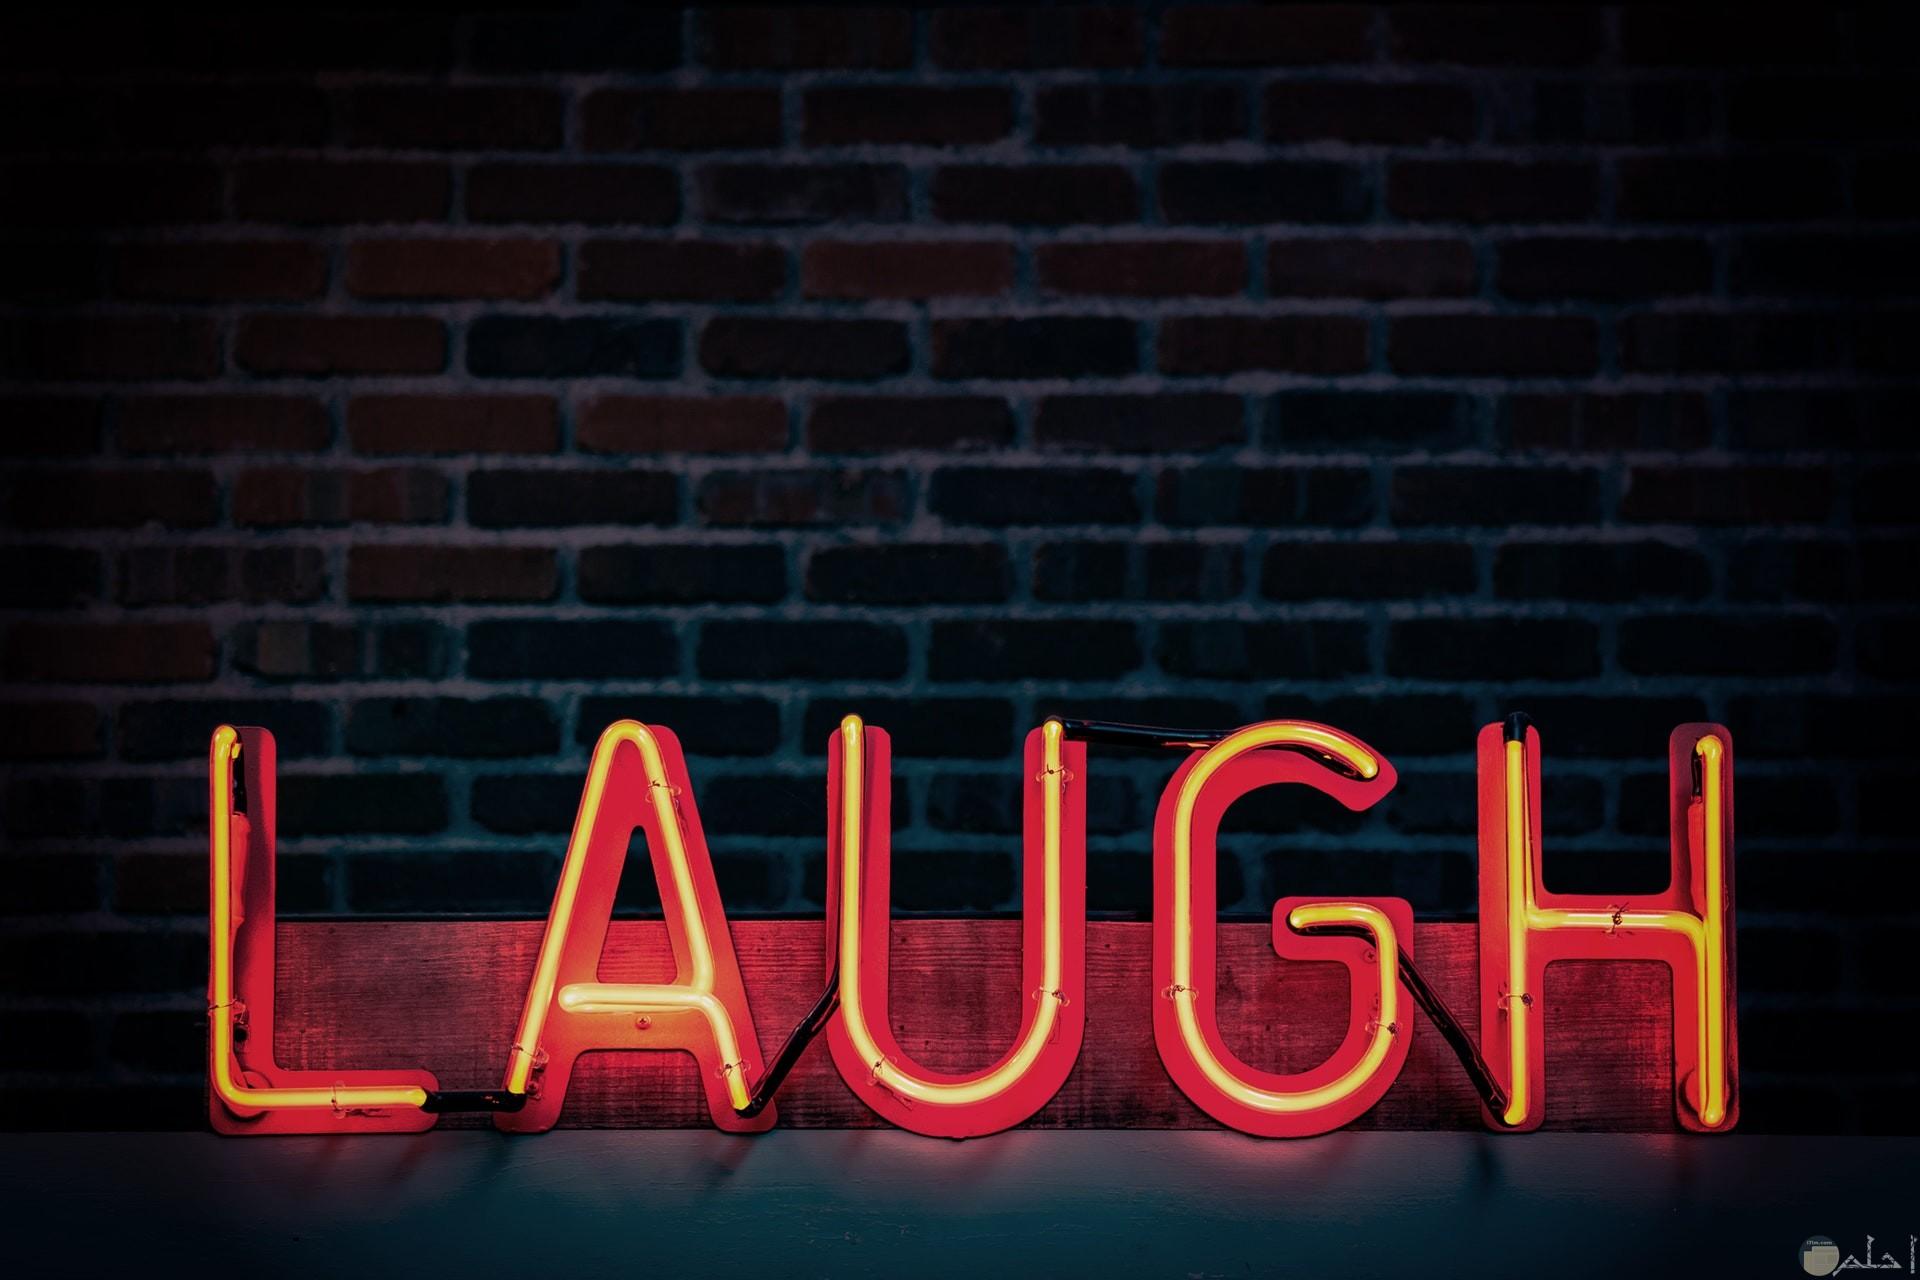 صورة مميزة مكتوب عليها ضحك بالإنكليزية بشكل جميل ومنيرة باللون الأحمر مع خلفية حلوة